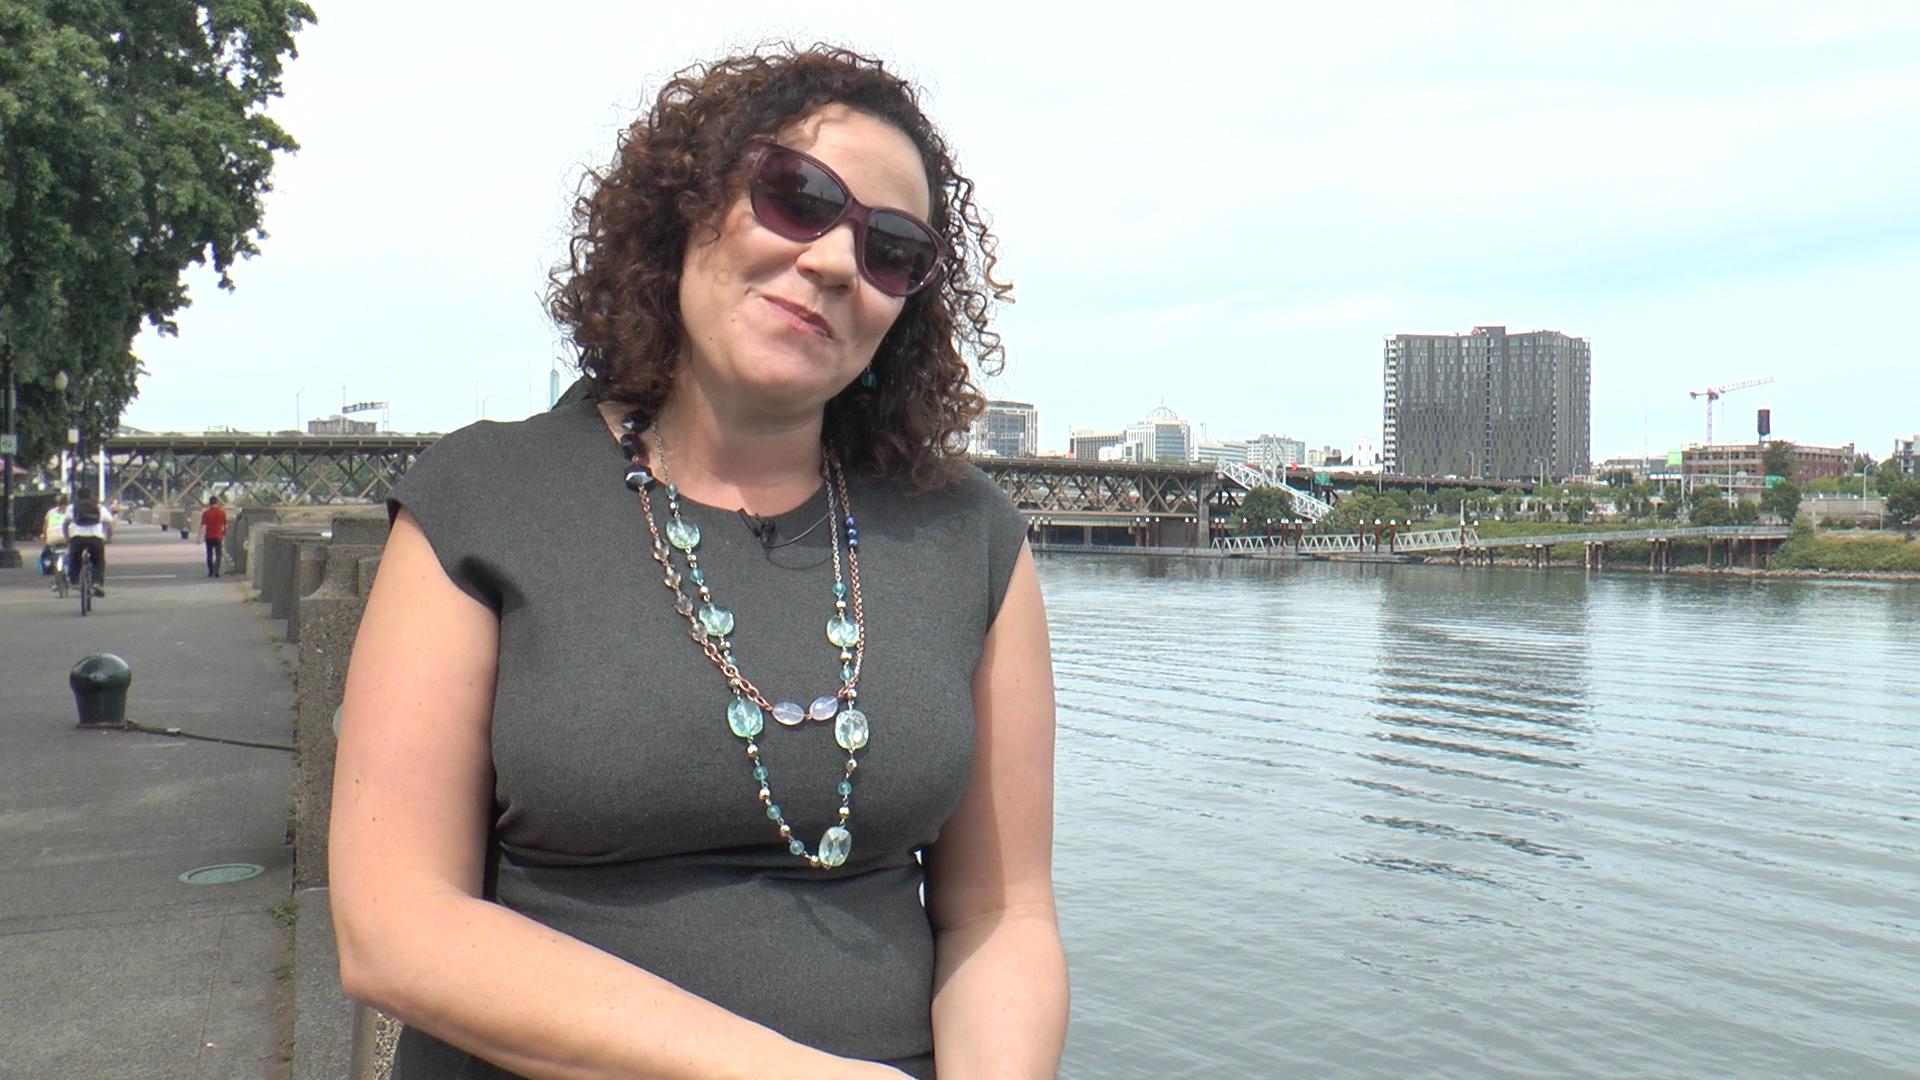 Wenn Trump kommt, wandere ich aus nach Kanada, sagt Rima Ghandour aus Portland